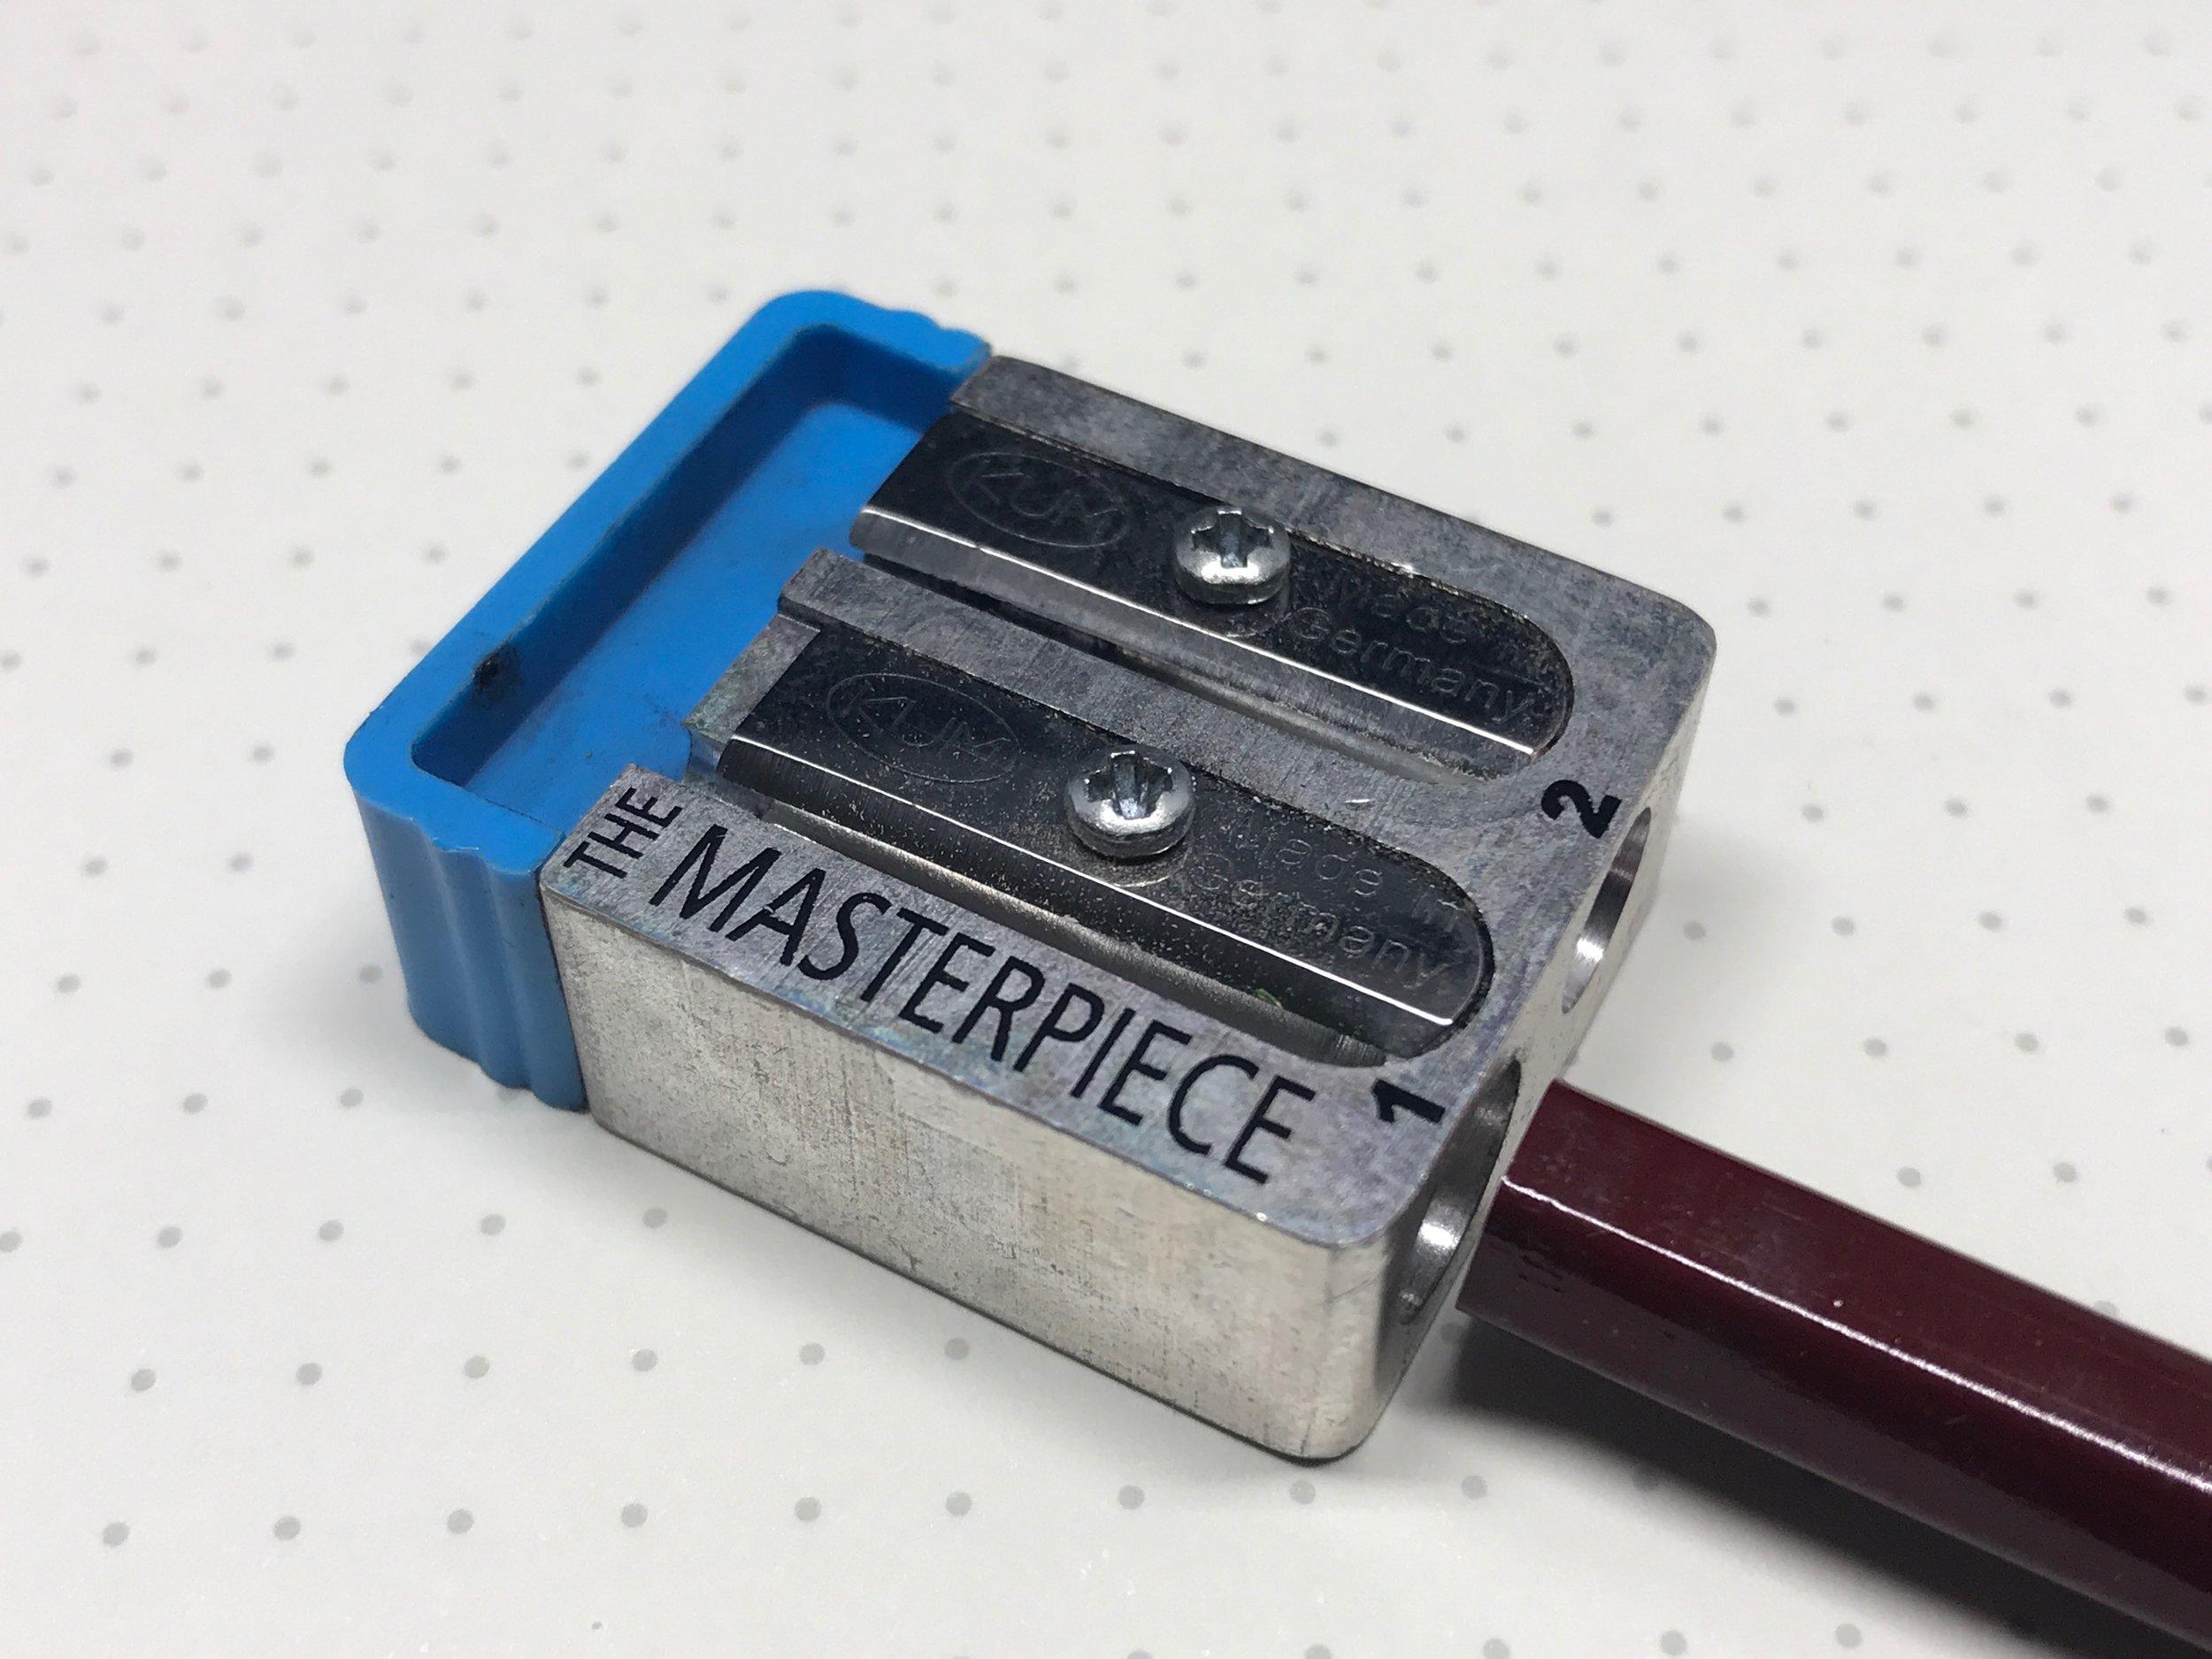 KUM-Masterpiece-Sharpener-4.jpg